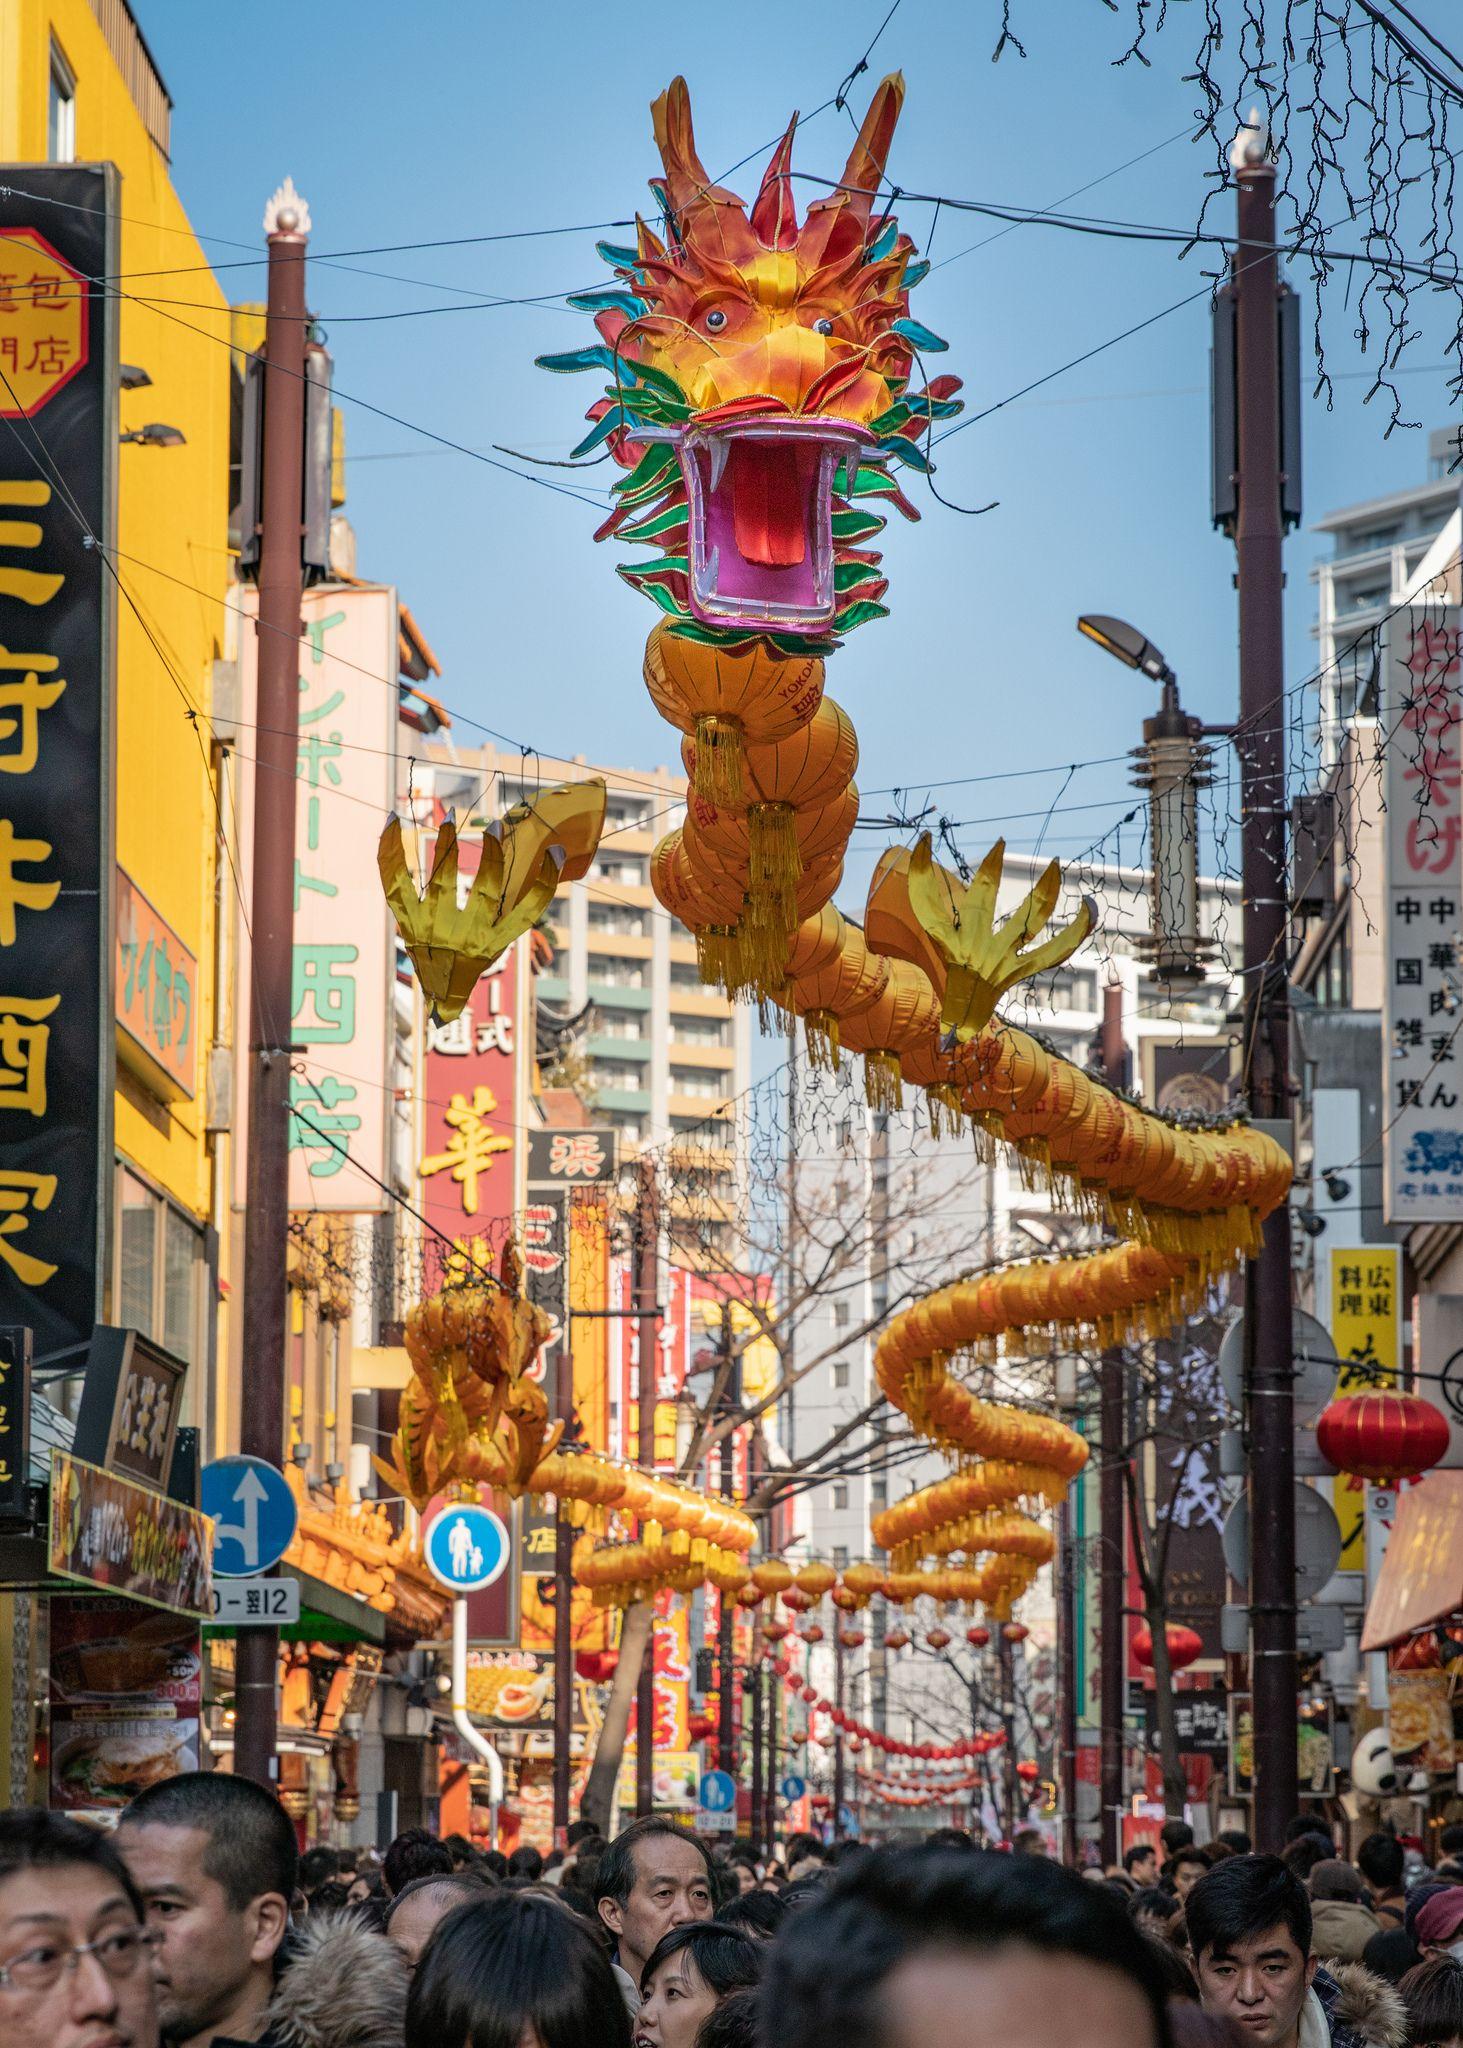 Chinatown,Yokohama in 2020 Yokohama, China, Chinese new